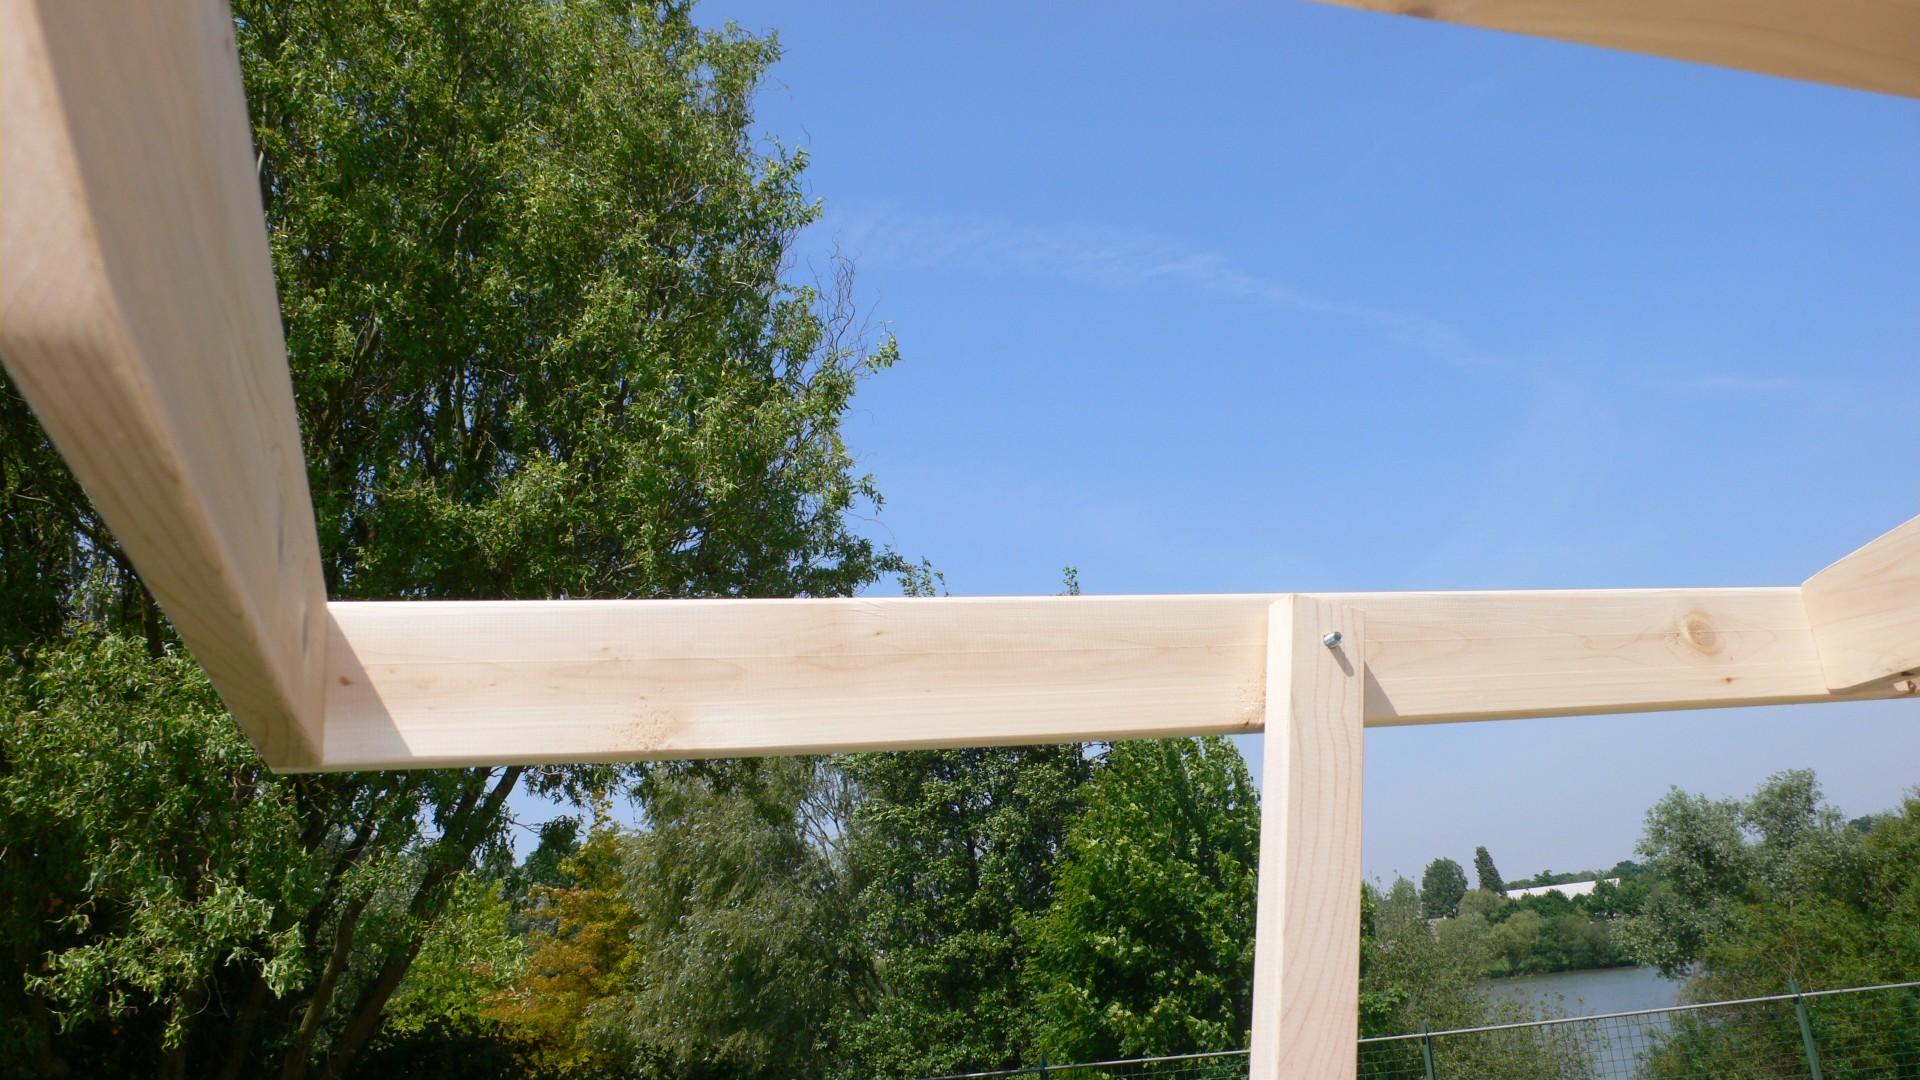 Etape 5 : Supports de toit